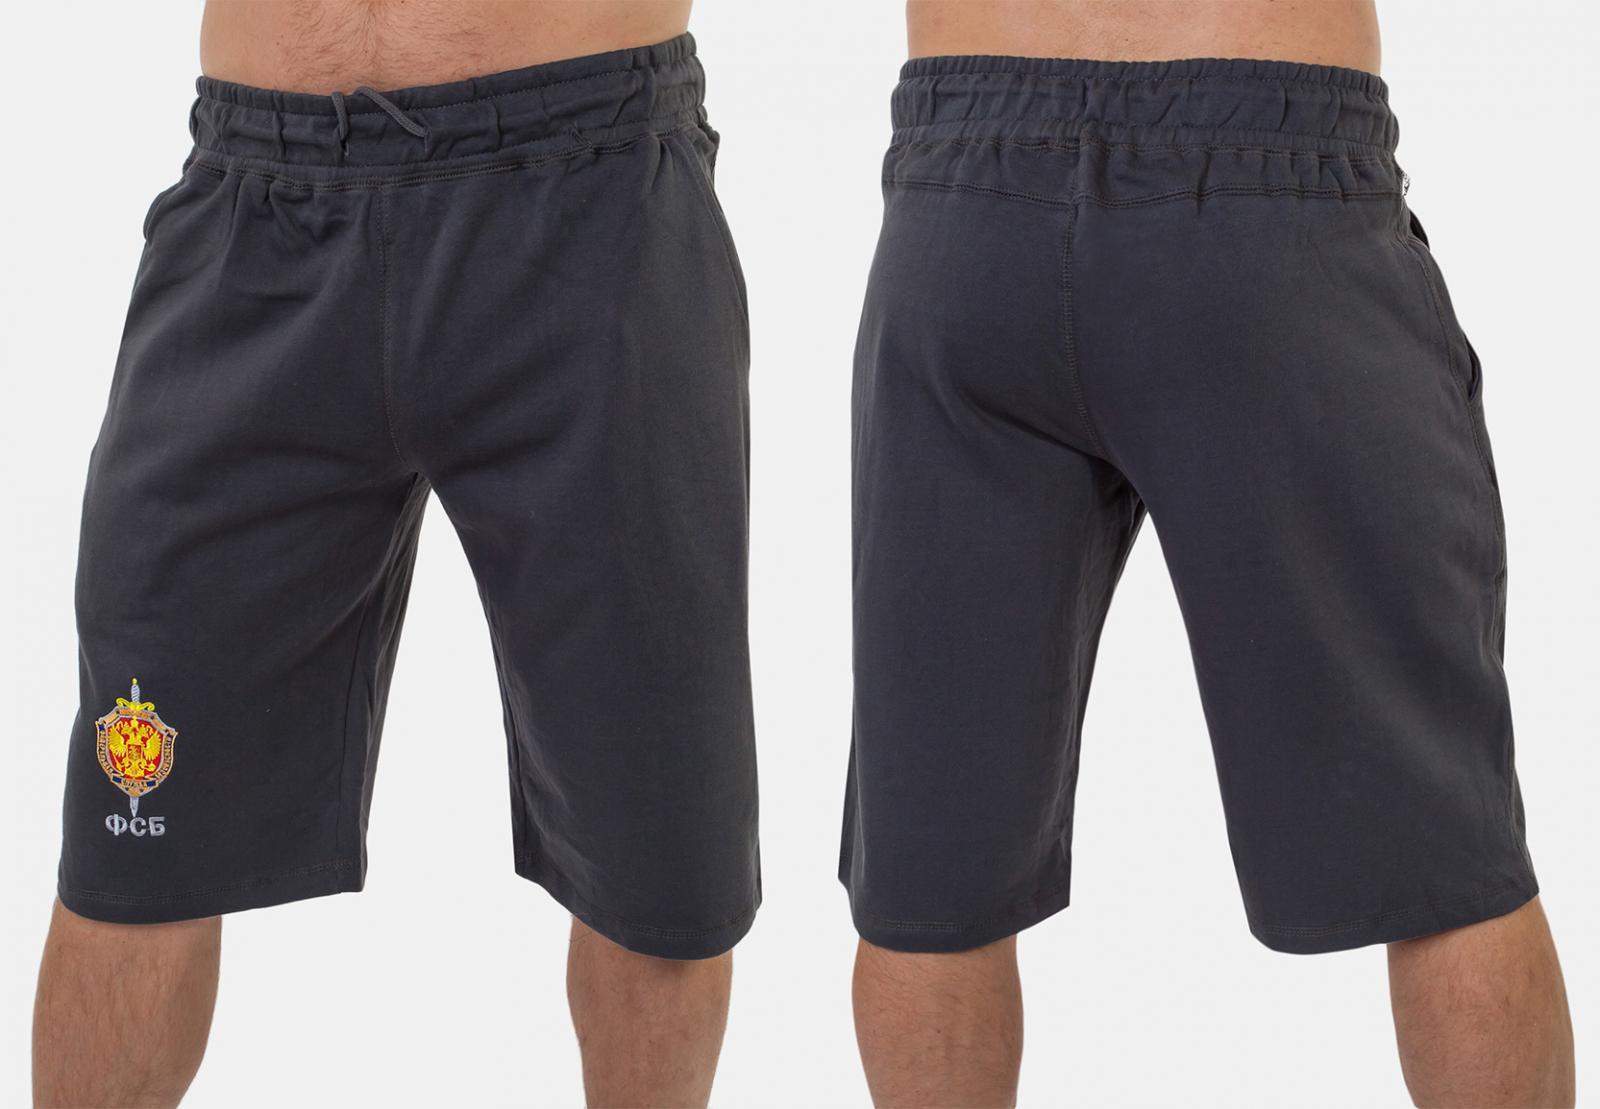 Авторитетные мужские шорты с эмблемой ФСБ